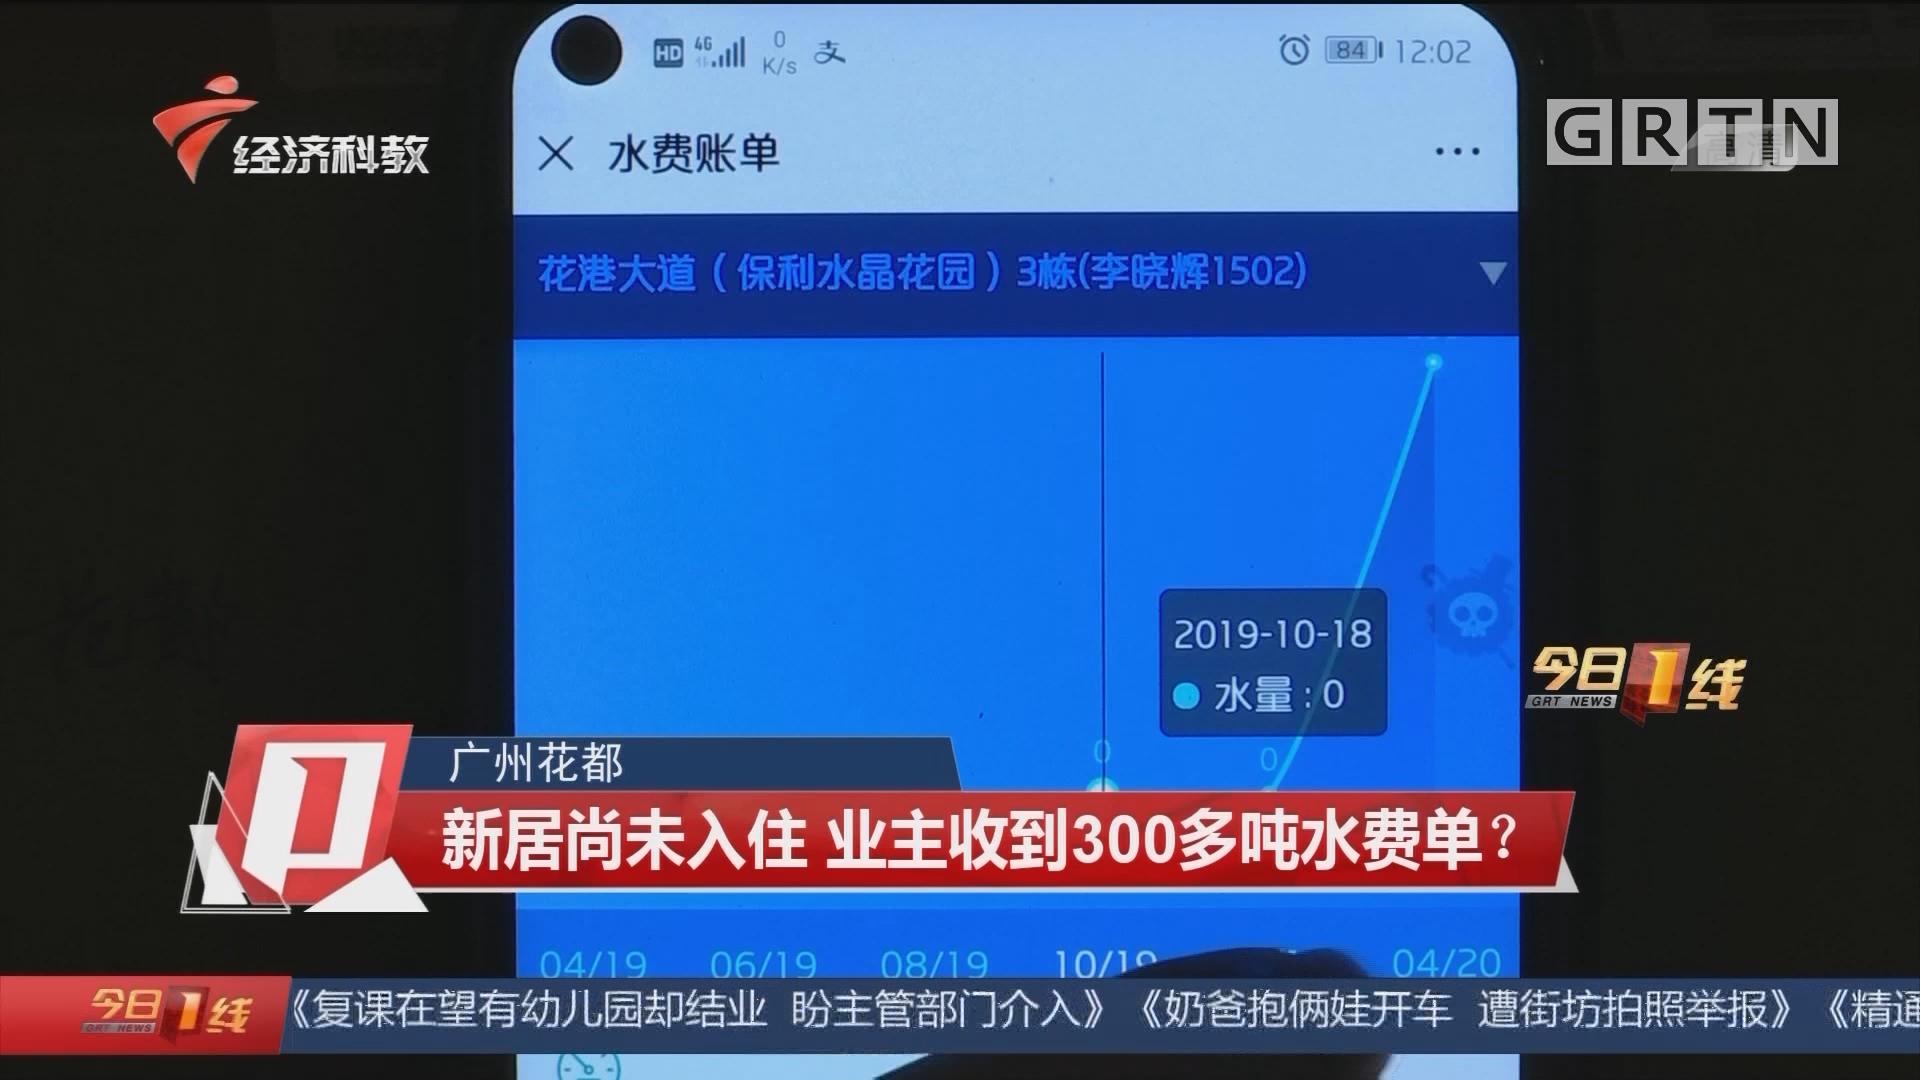 廣州花都 新居尚未入住 業主收到300多噸水費單?